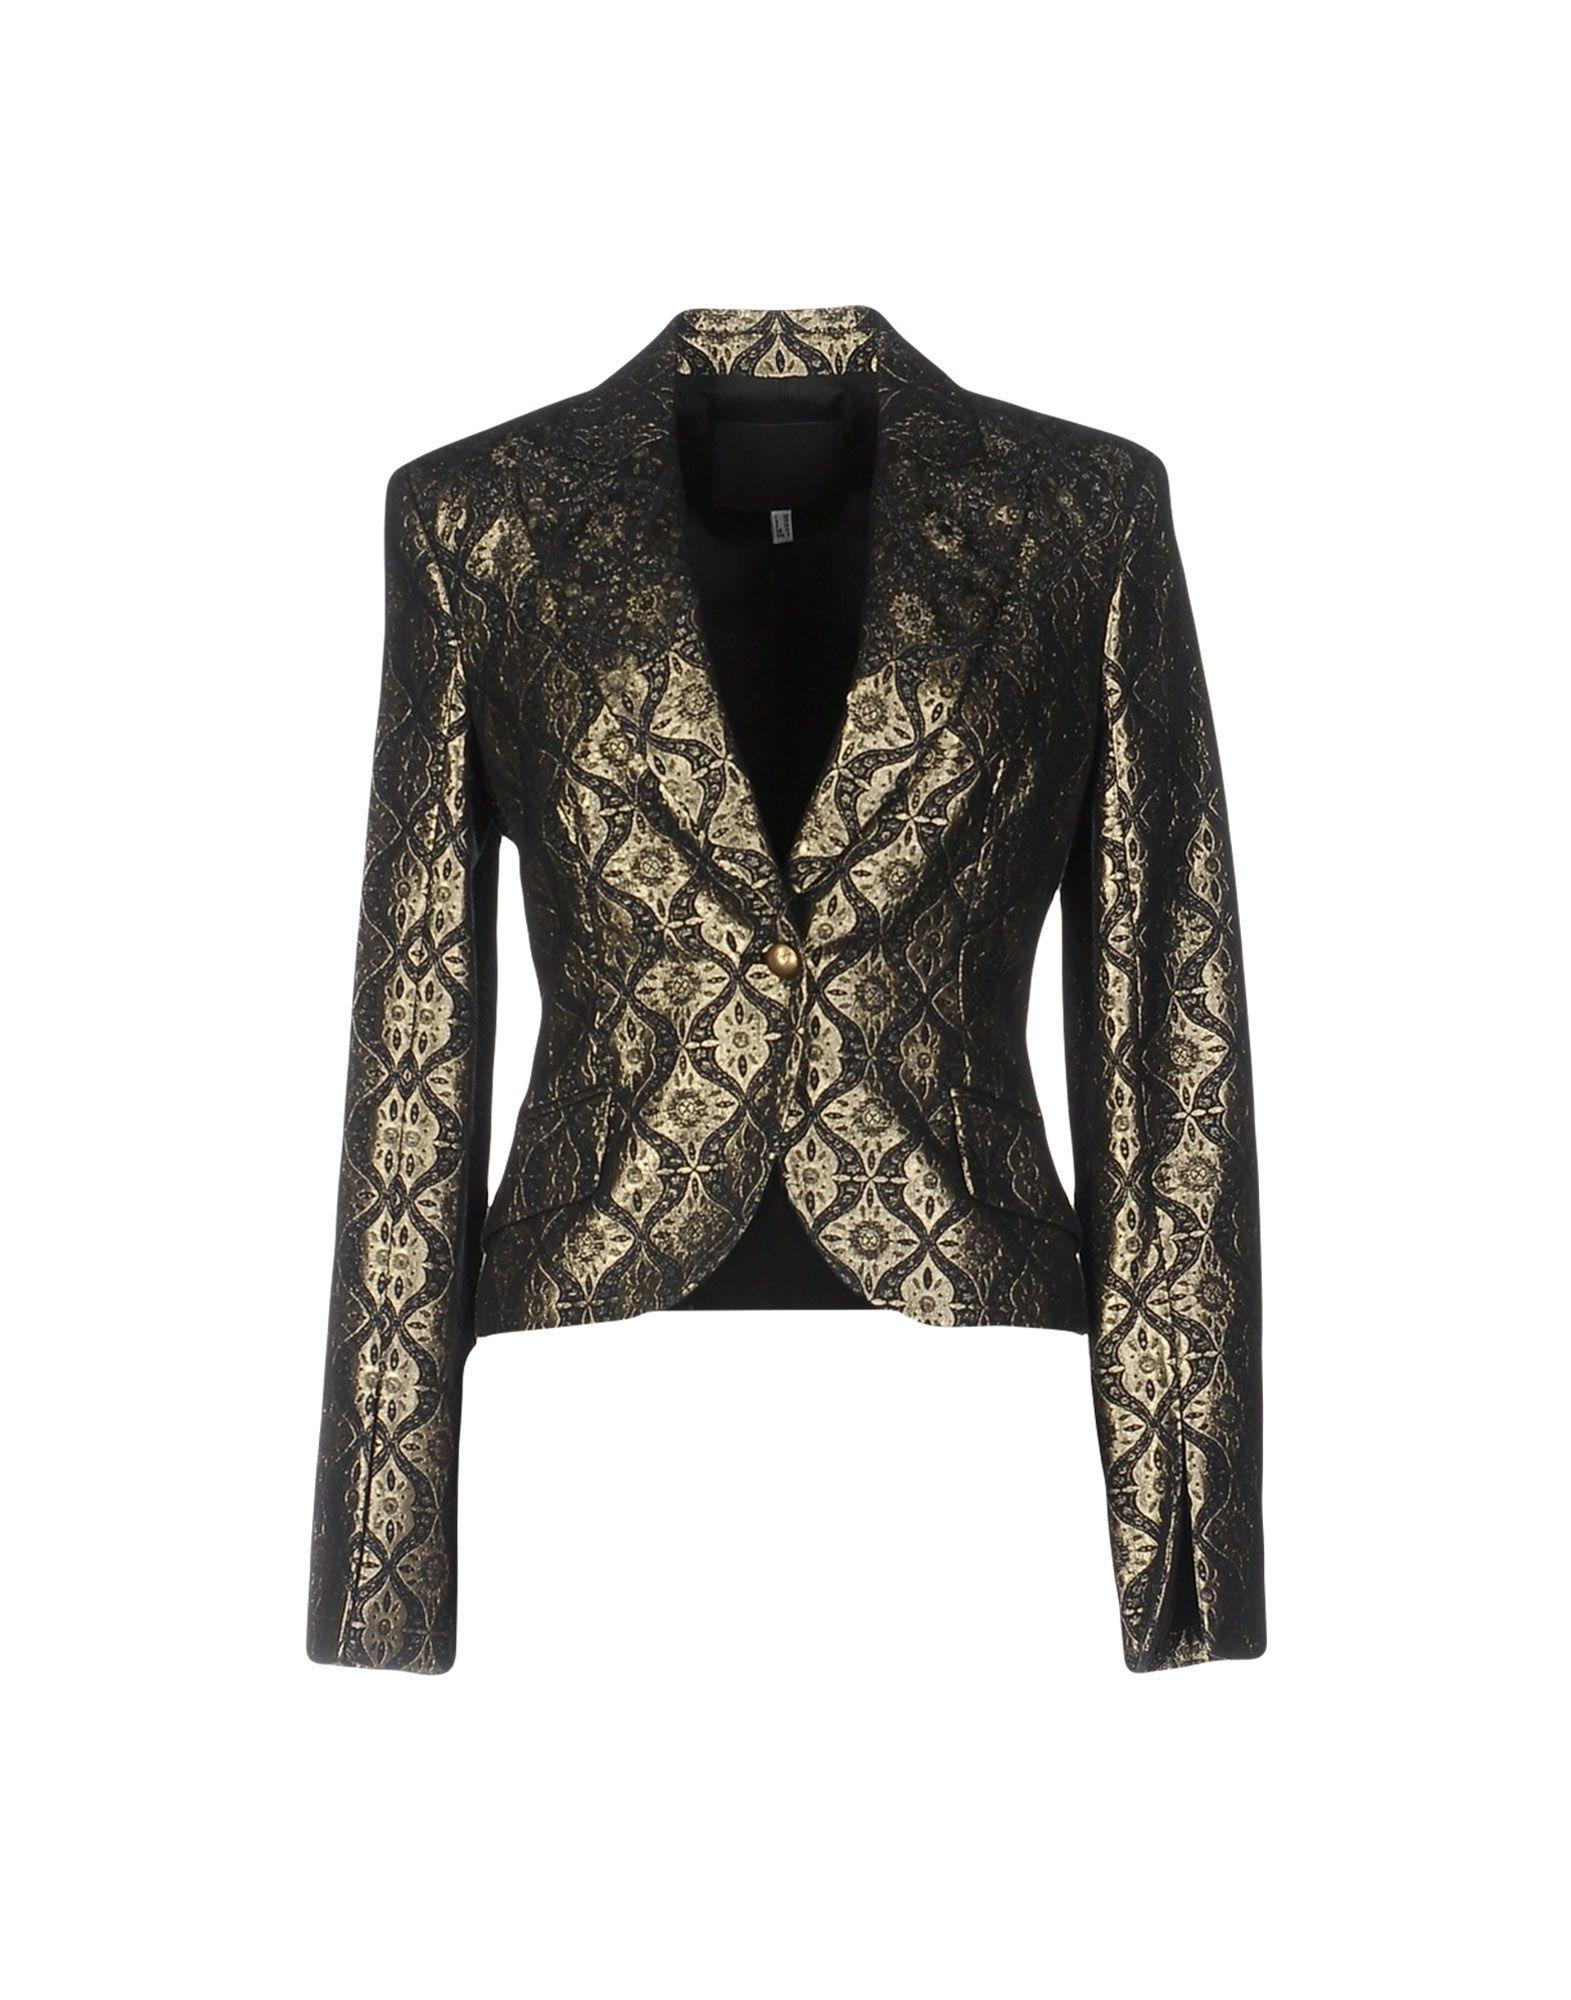 RICHMOND X Blazer in Black